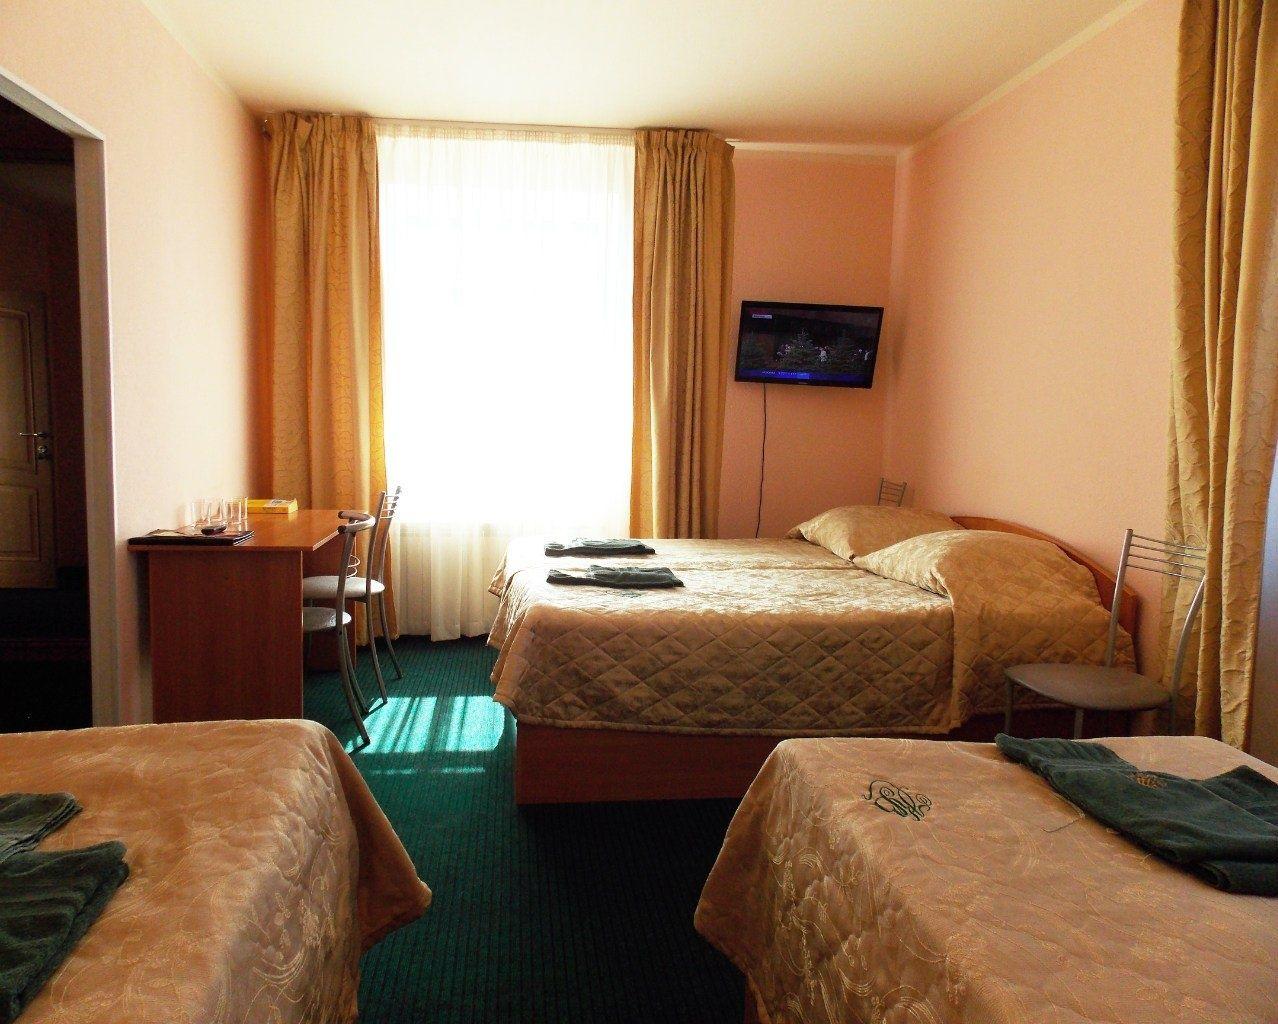 Отель «Коломяжский визит» Ленинградская область 4-местный стандарт, фото 1